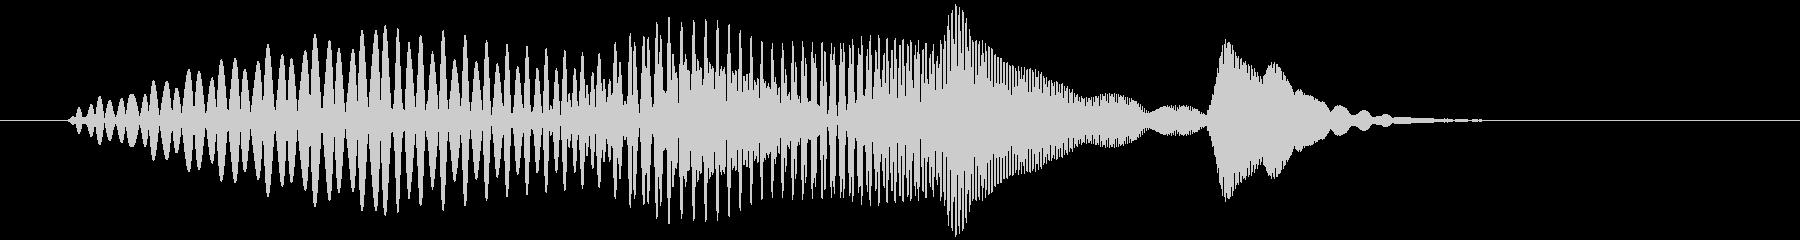 プニ(スライム系の攻撃・ジャンプなど)の未再生の波形